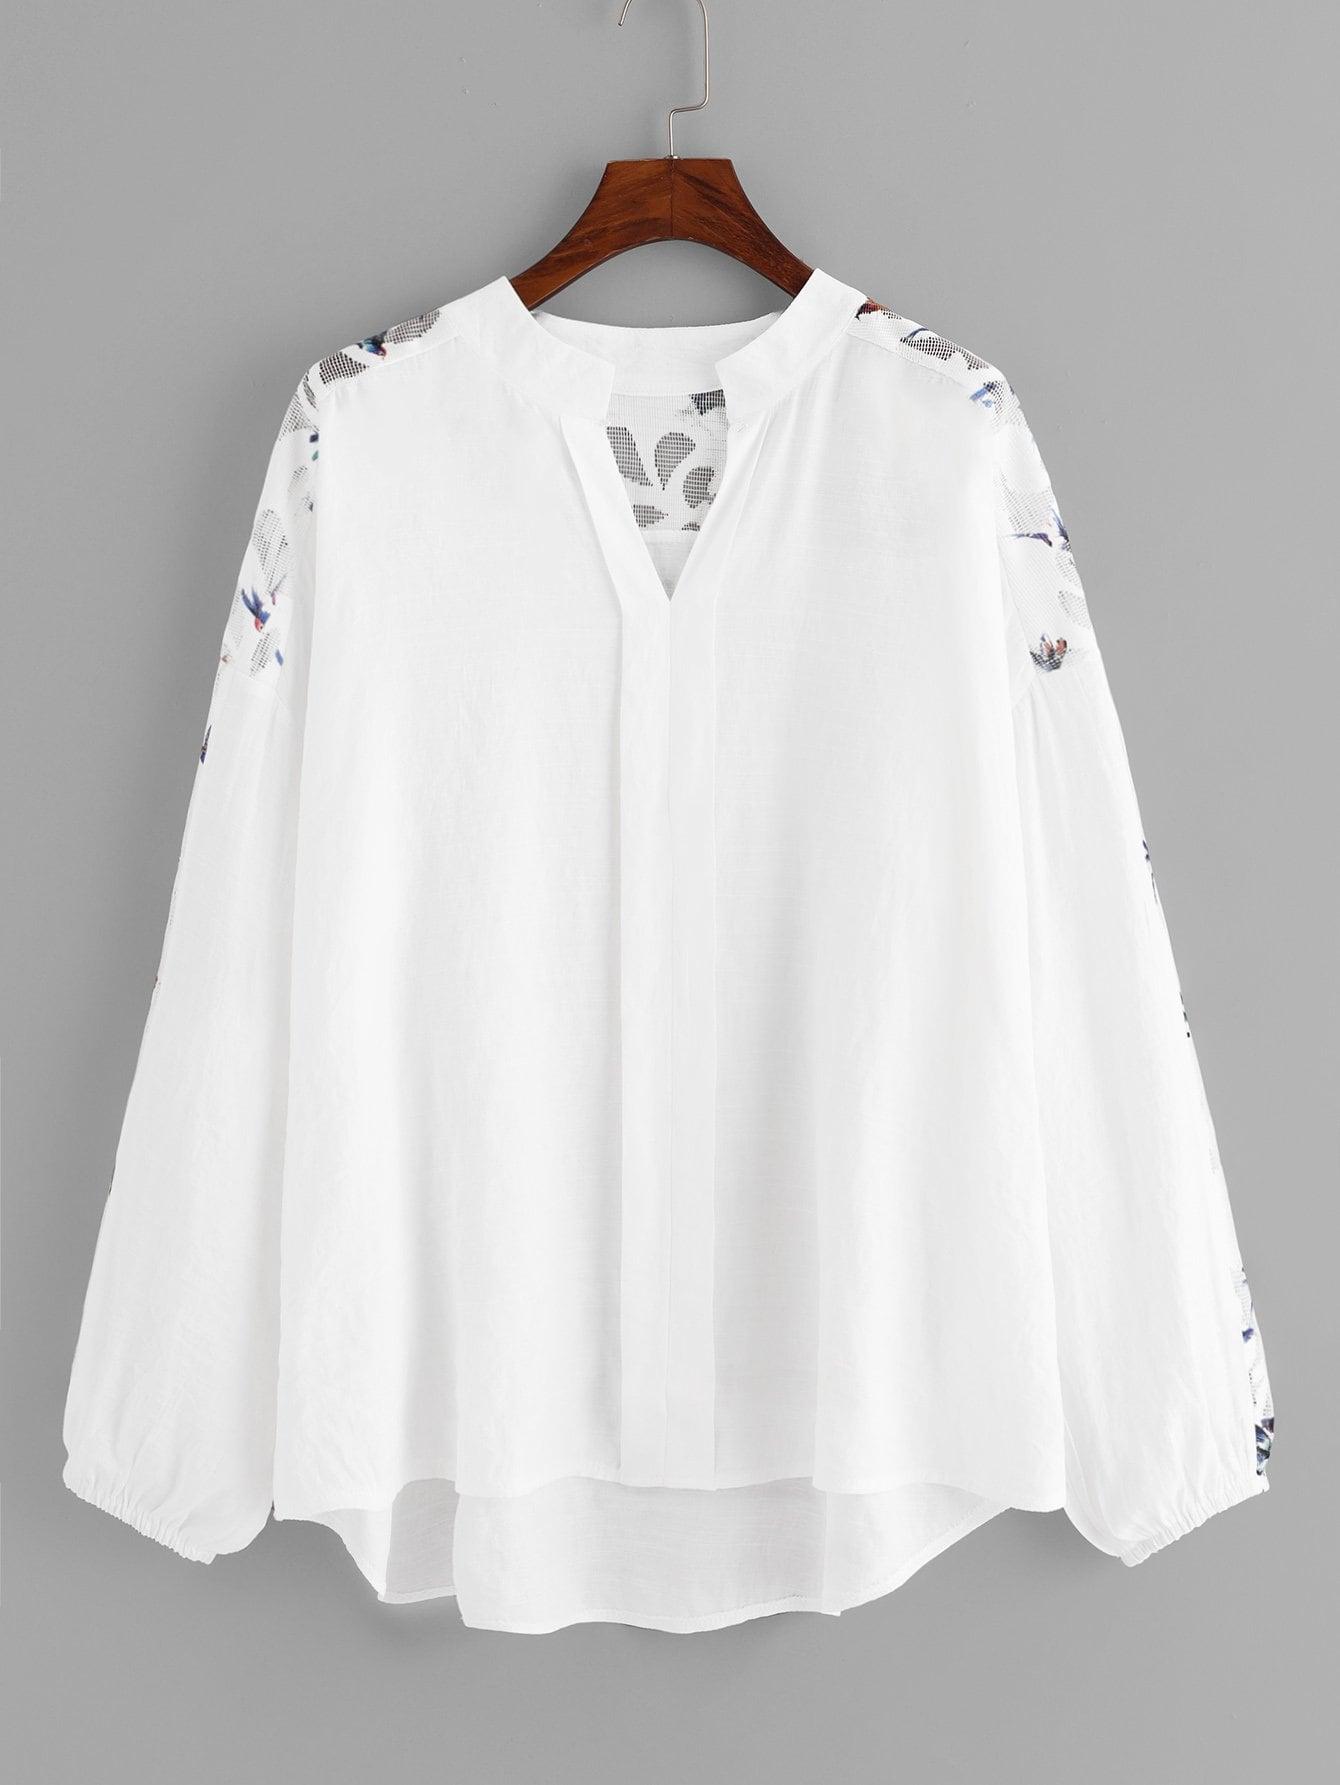 Купить Сетчатая симметрическая рубашка с рисунками птицы, null, SheIn